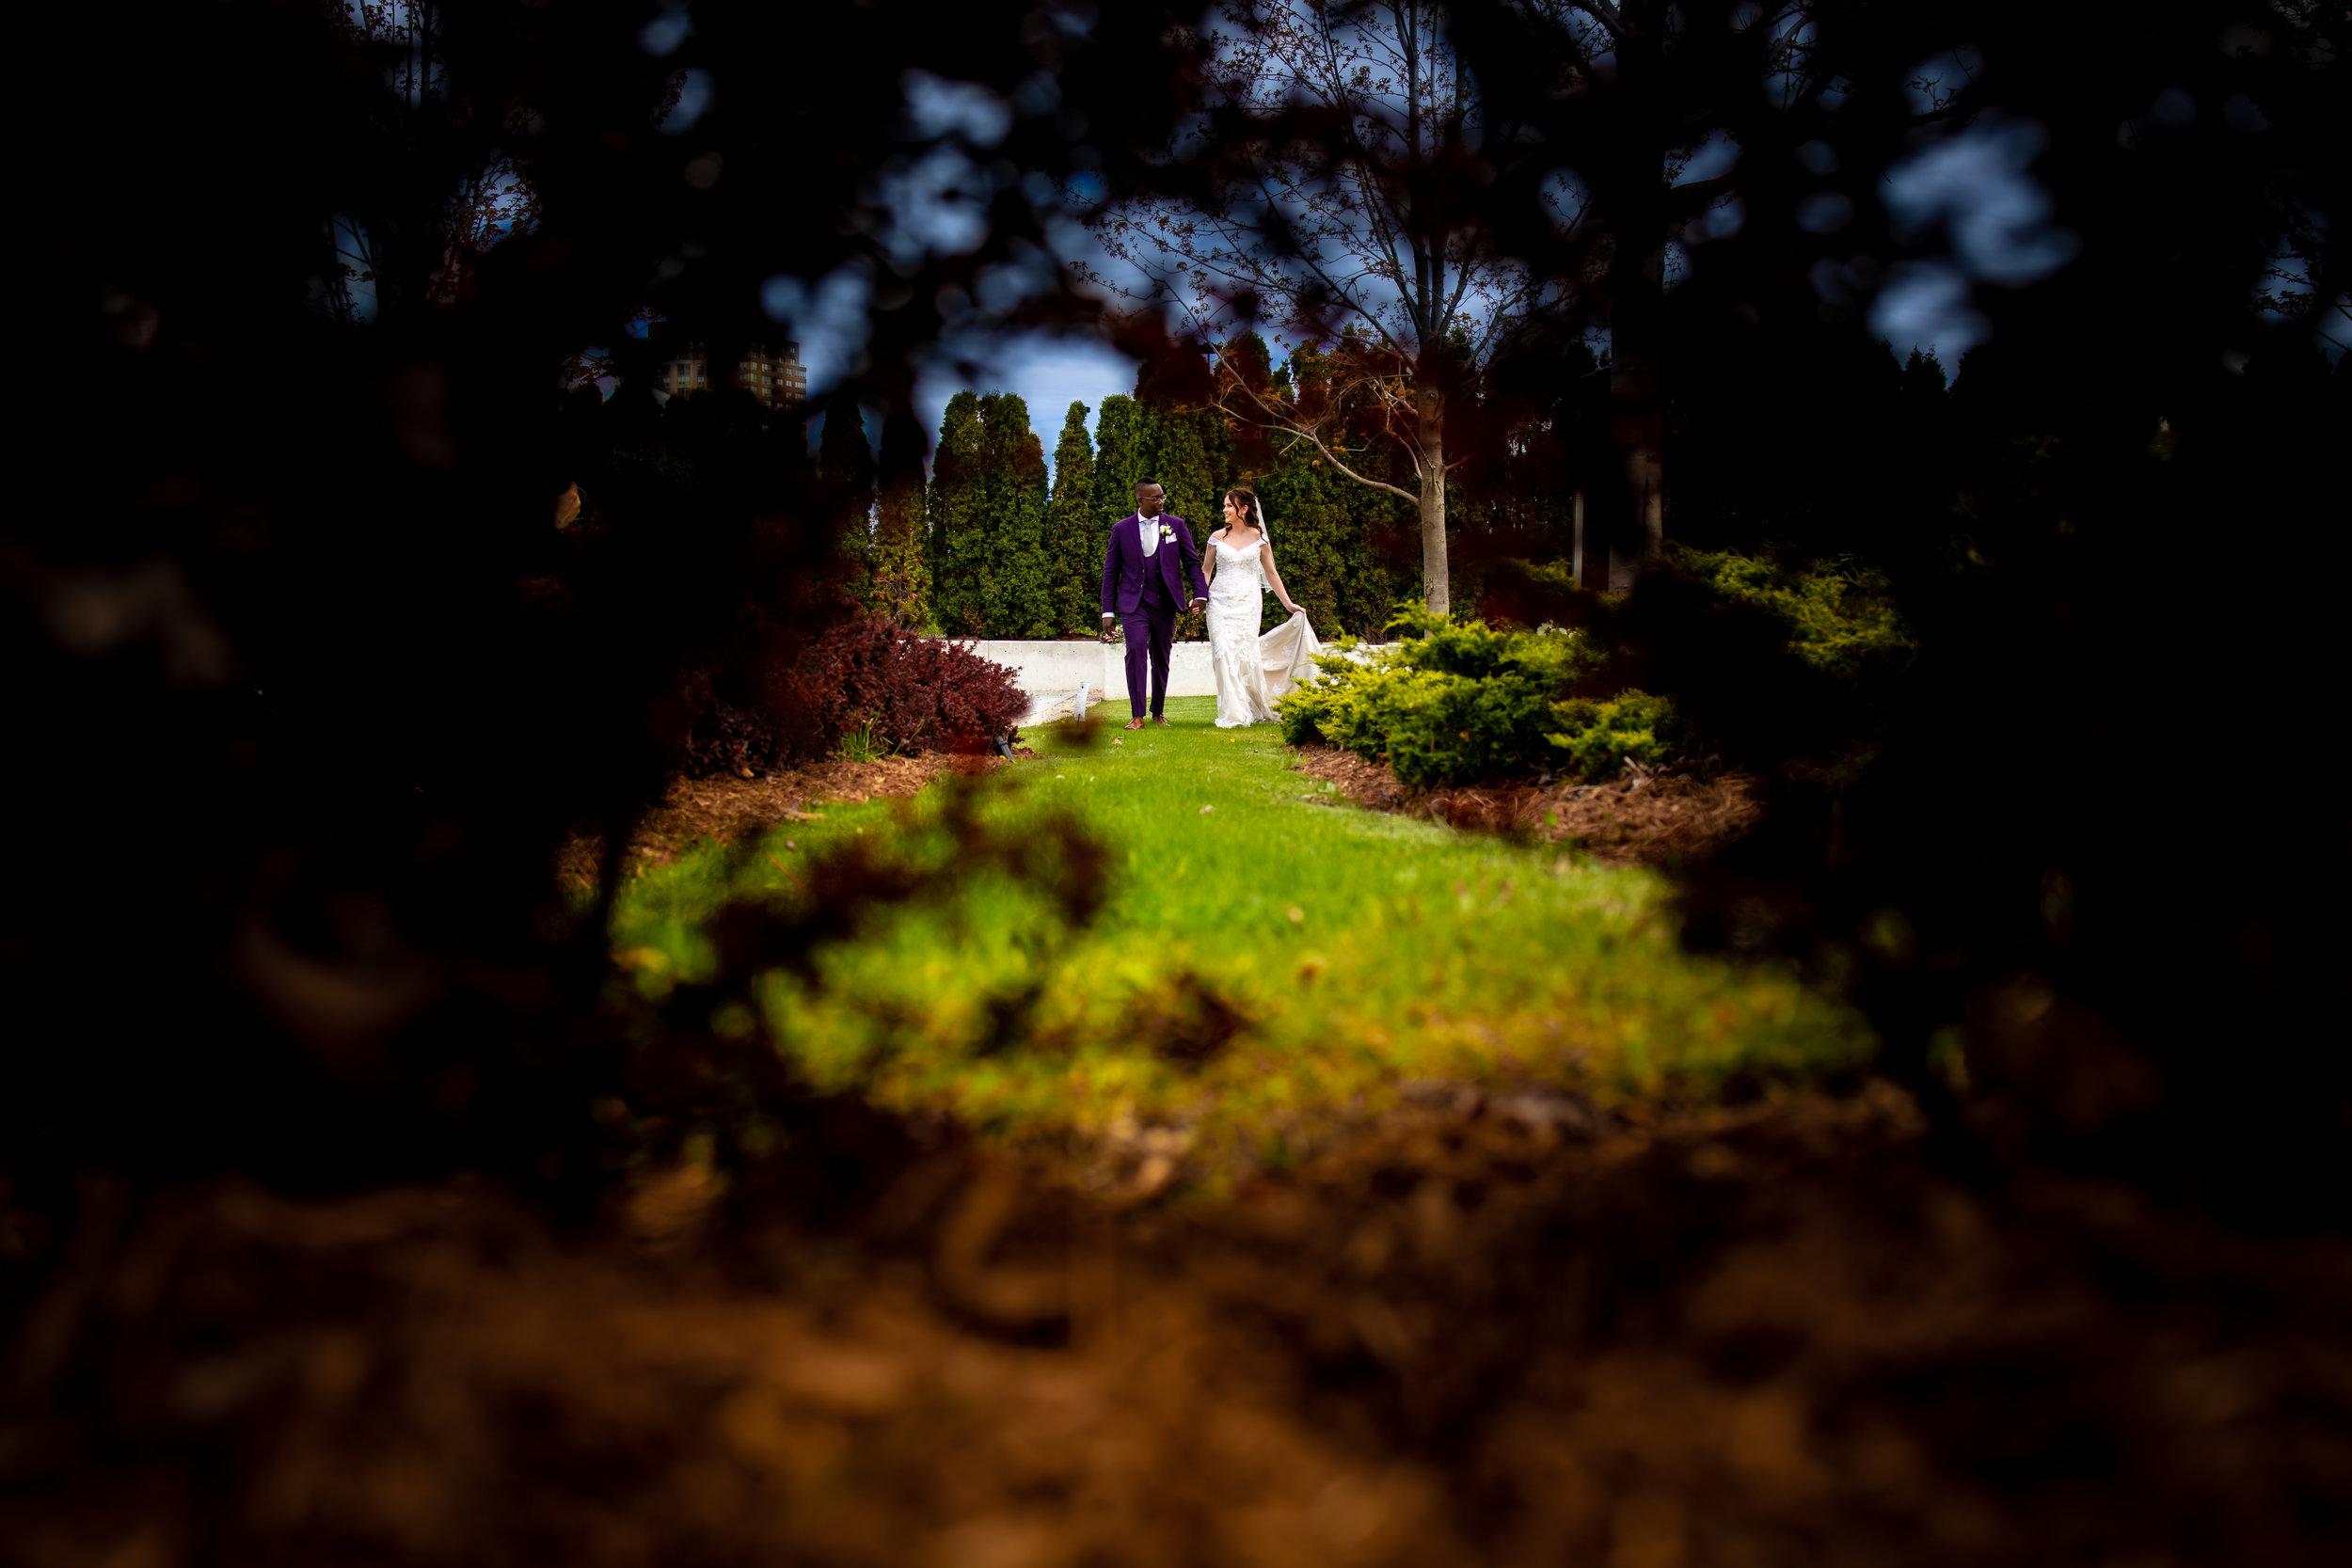 YMG-wedding-photos-32.jpg